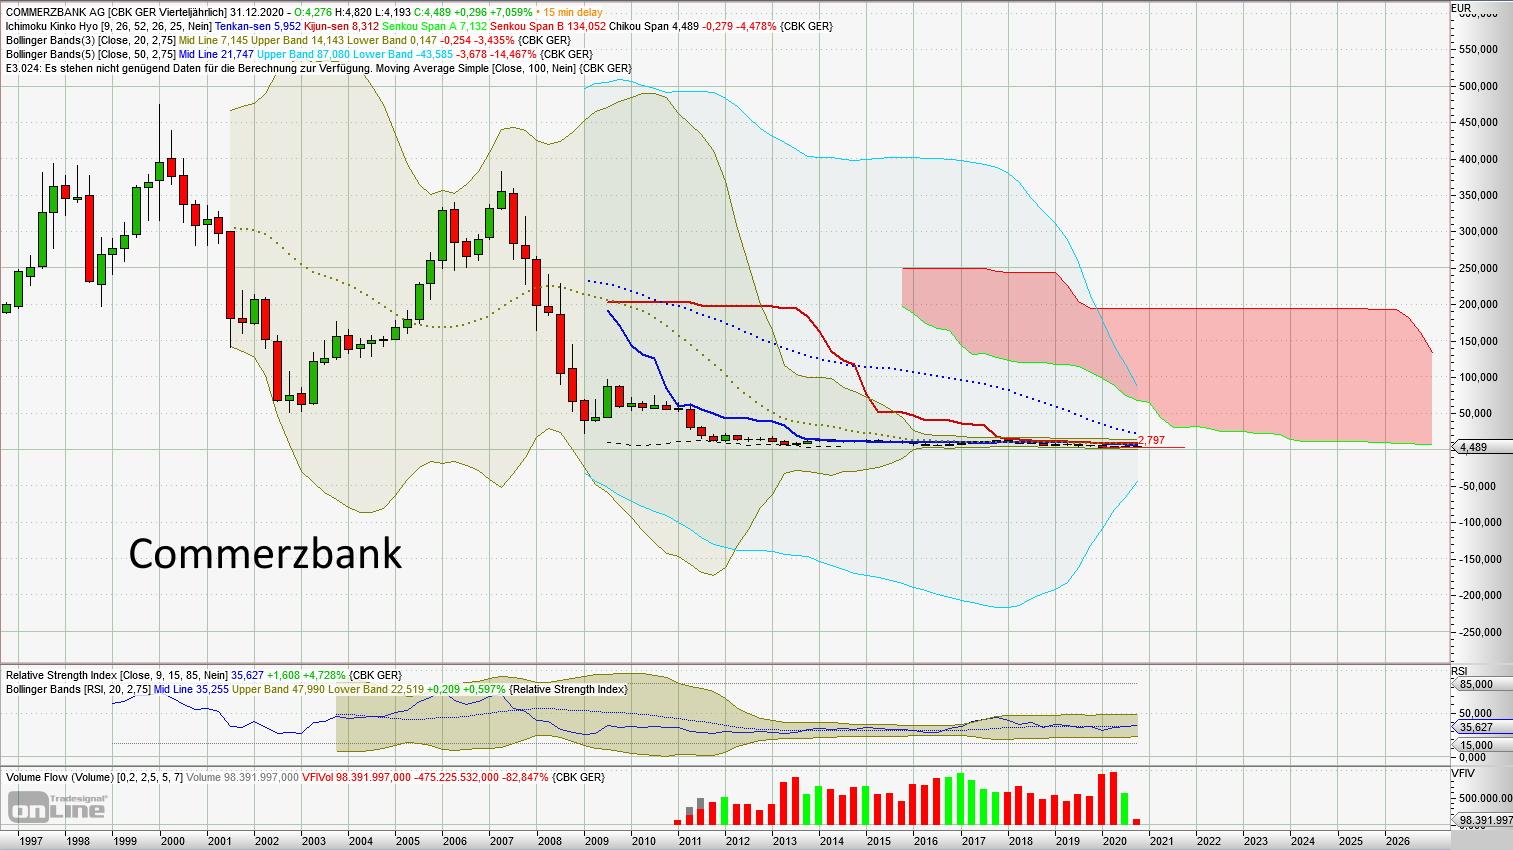 Vier prominente Beispiele, warum mir buy and hold zu riskant ist. - Commerzbank